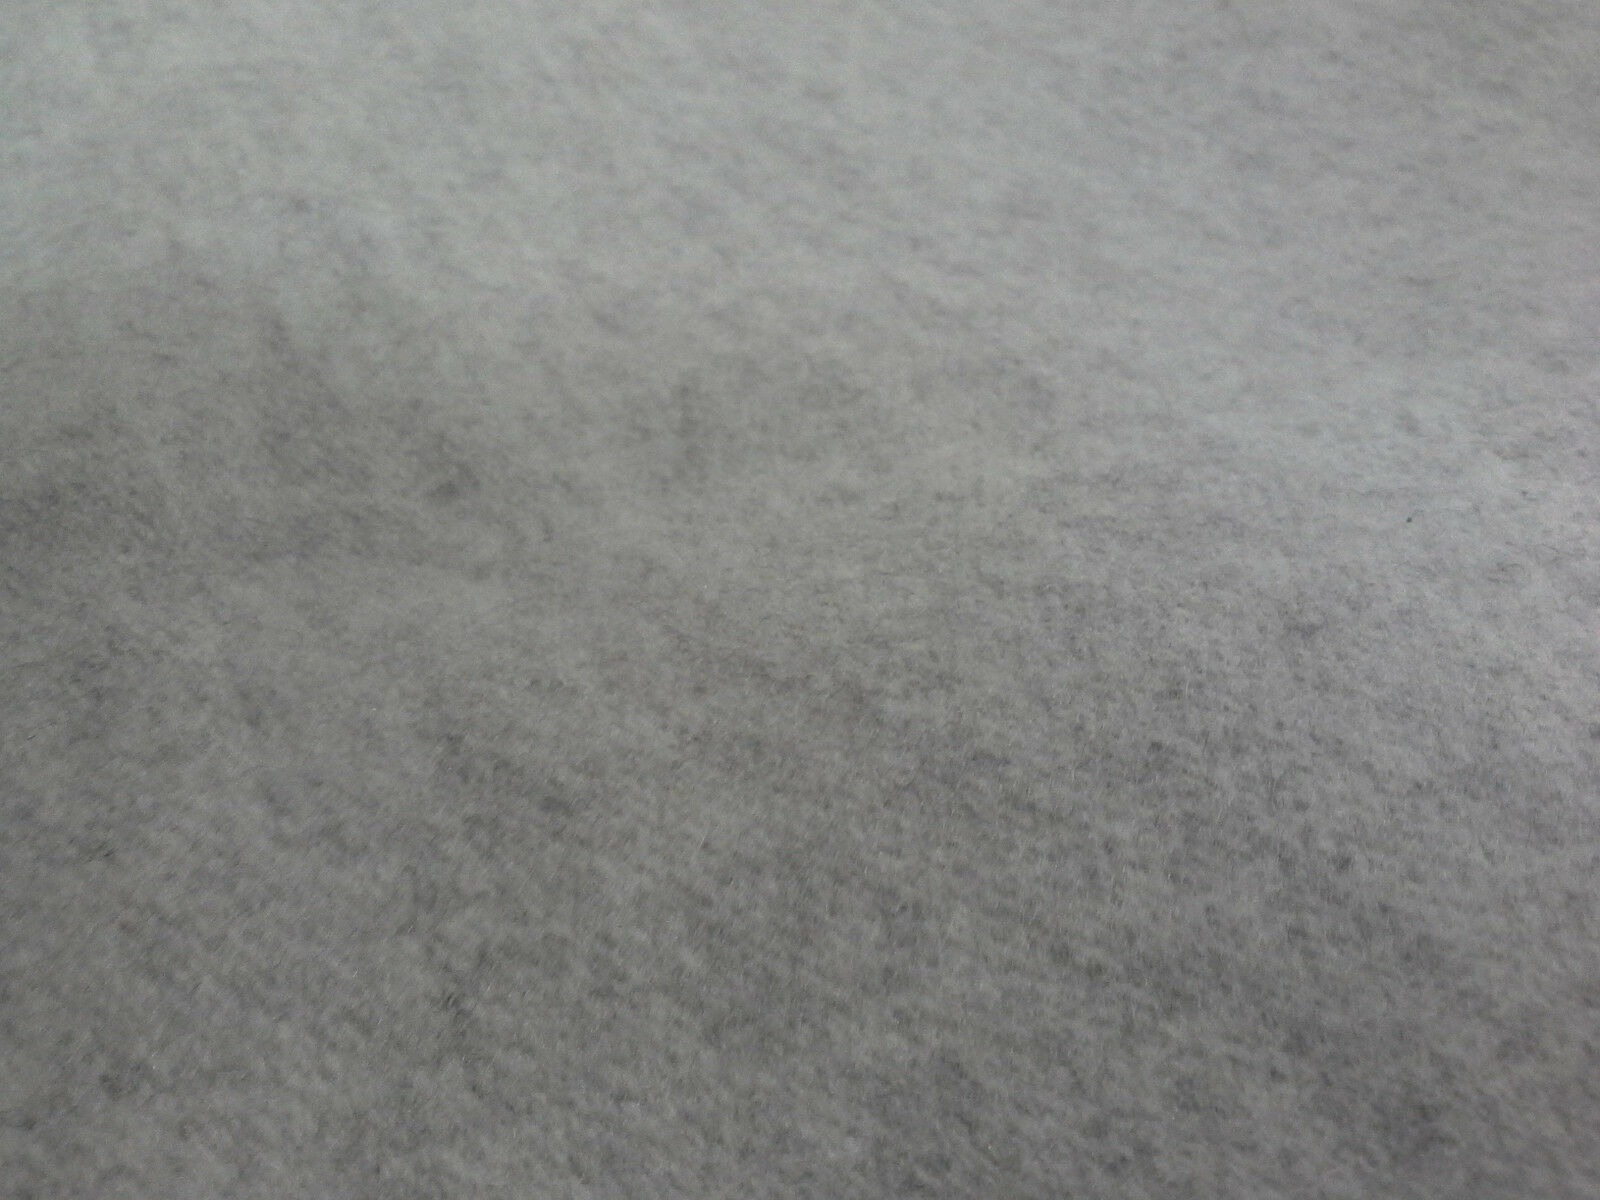 Couverture Laine Laine Laine Double 2 carrés. ARGENT SOMMA 1867. Cachemire 300 gr en 01be51